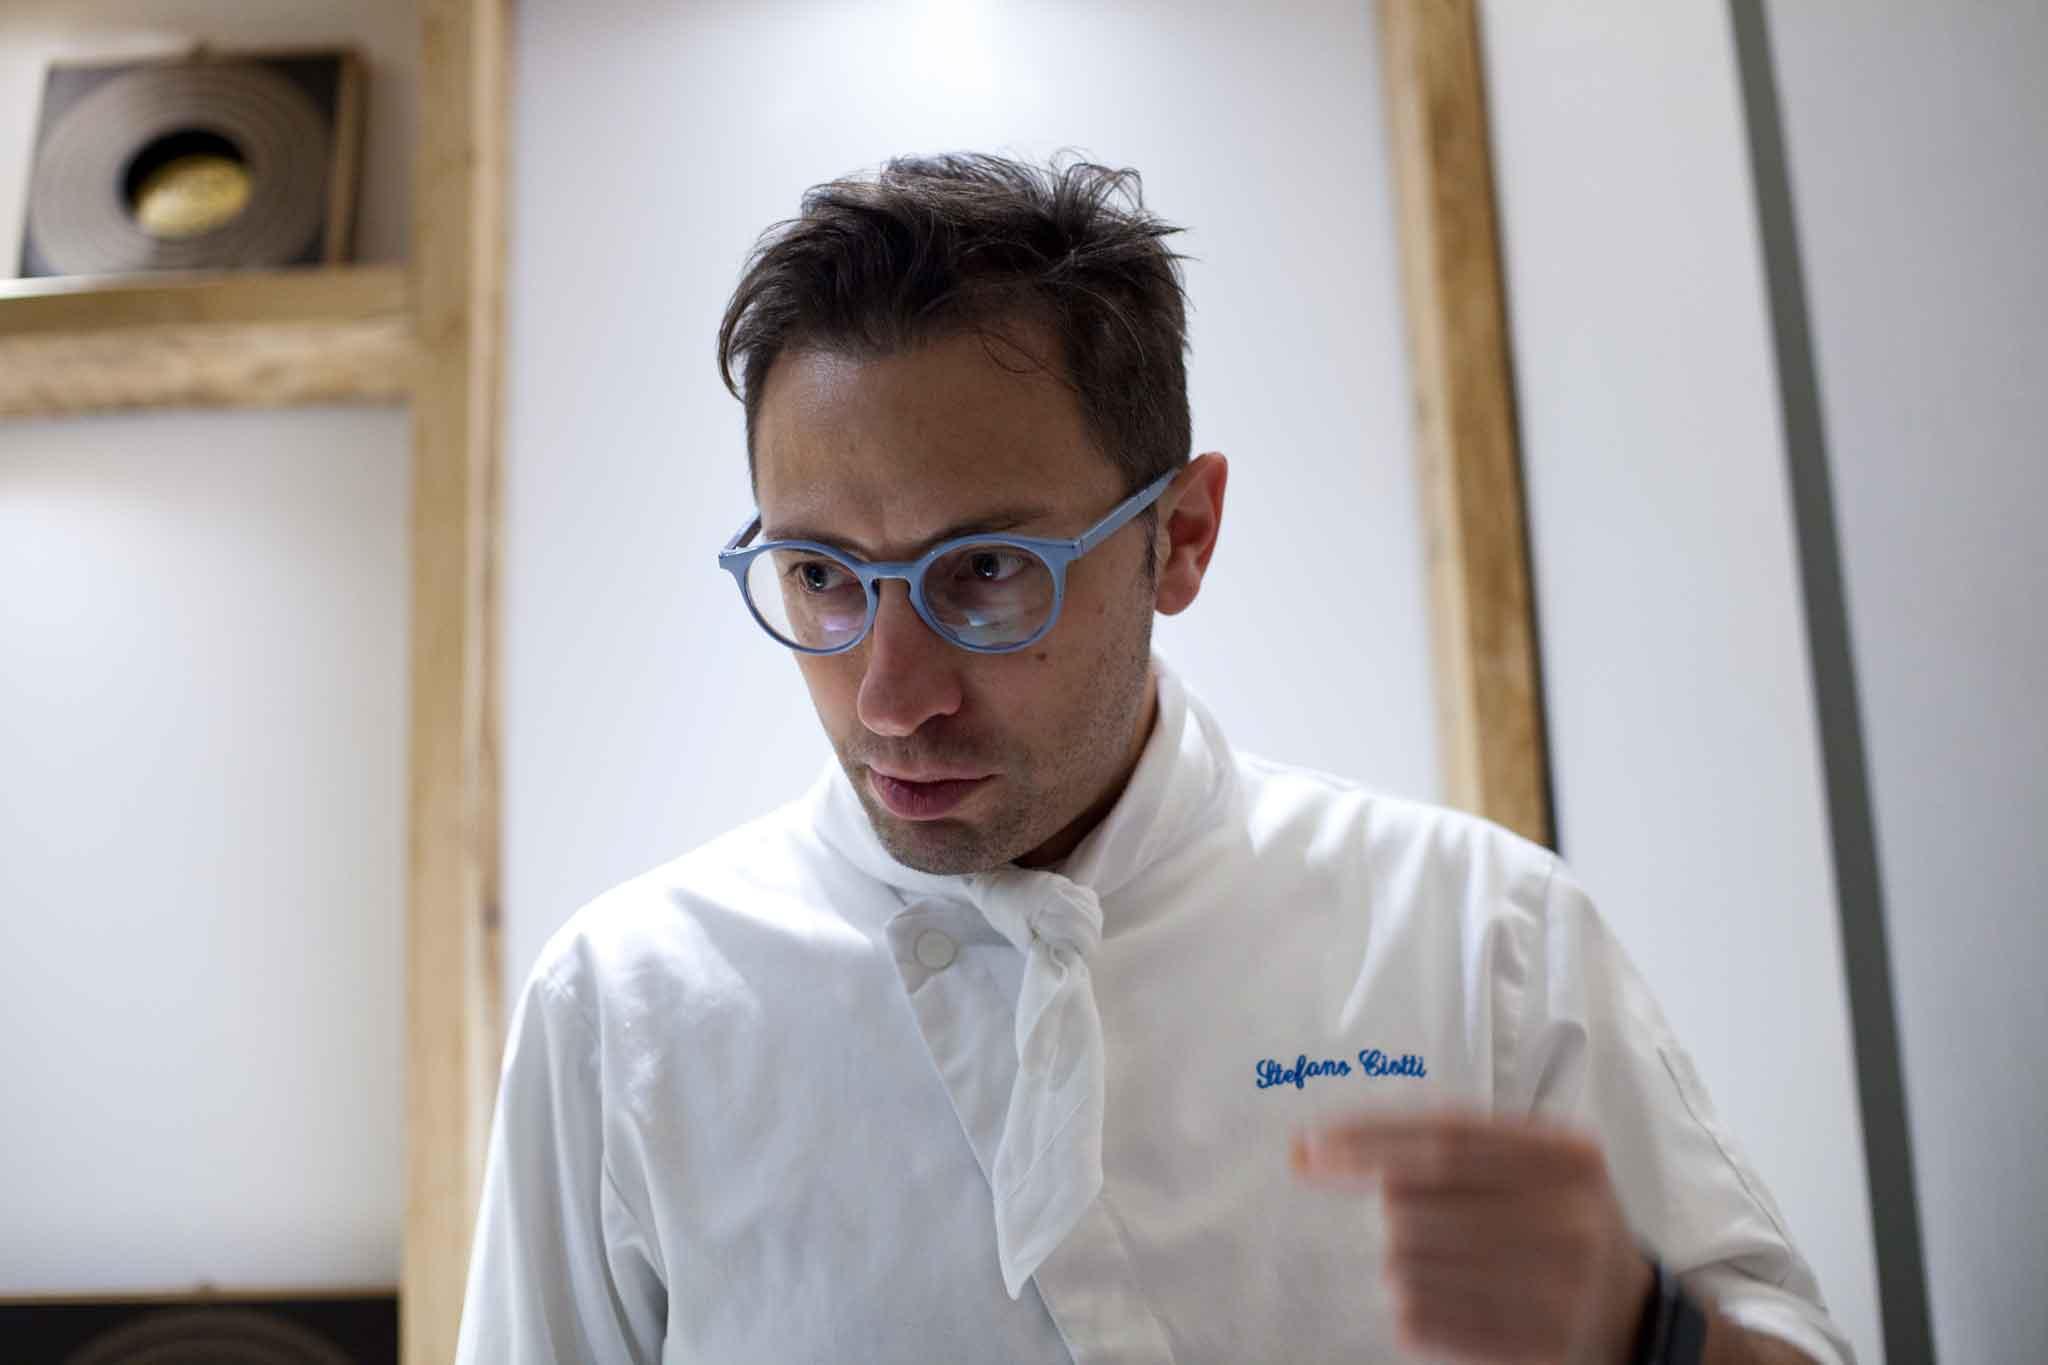 Stefano Ciotti chef